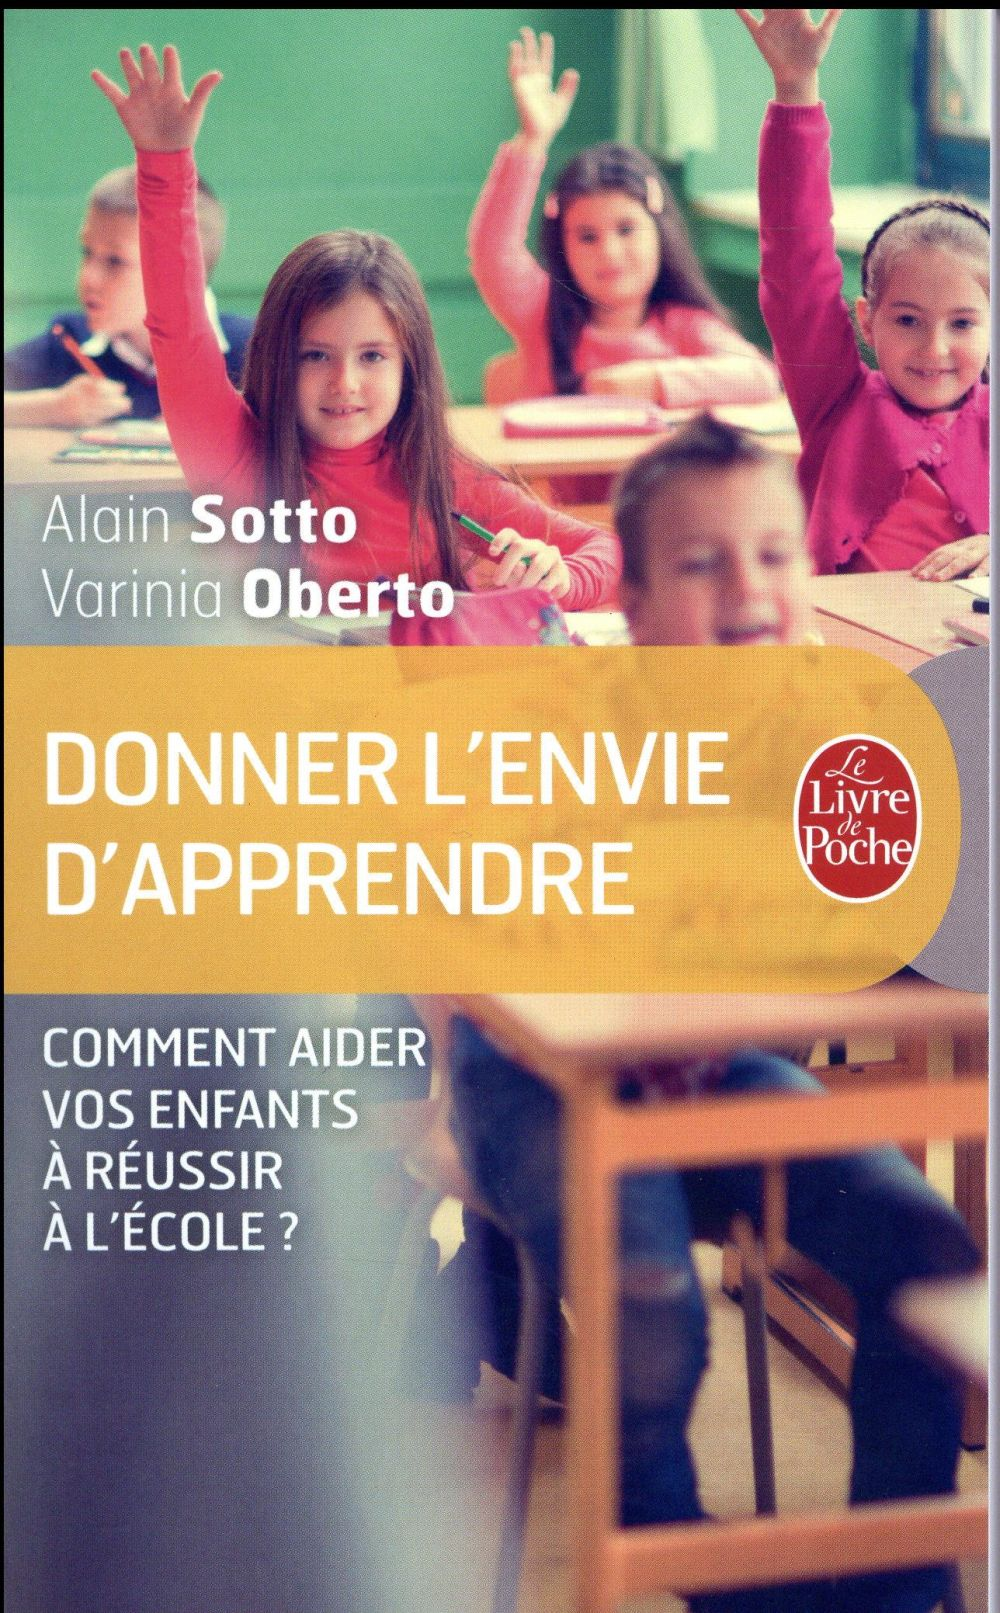 Donner l'envie d'apprendre ; comment aider vos enfants à réussir l'école ?